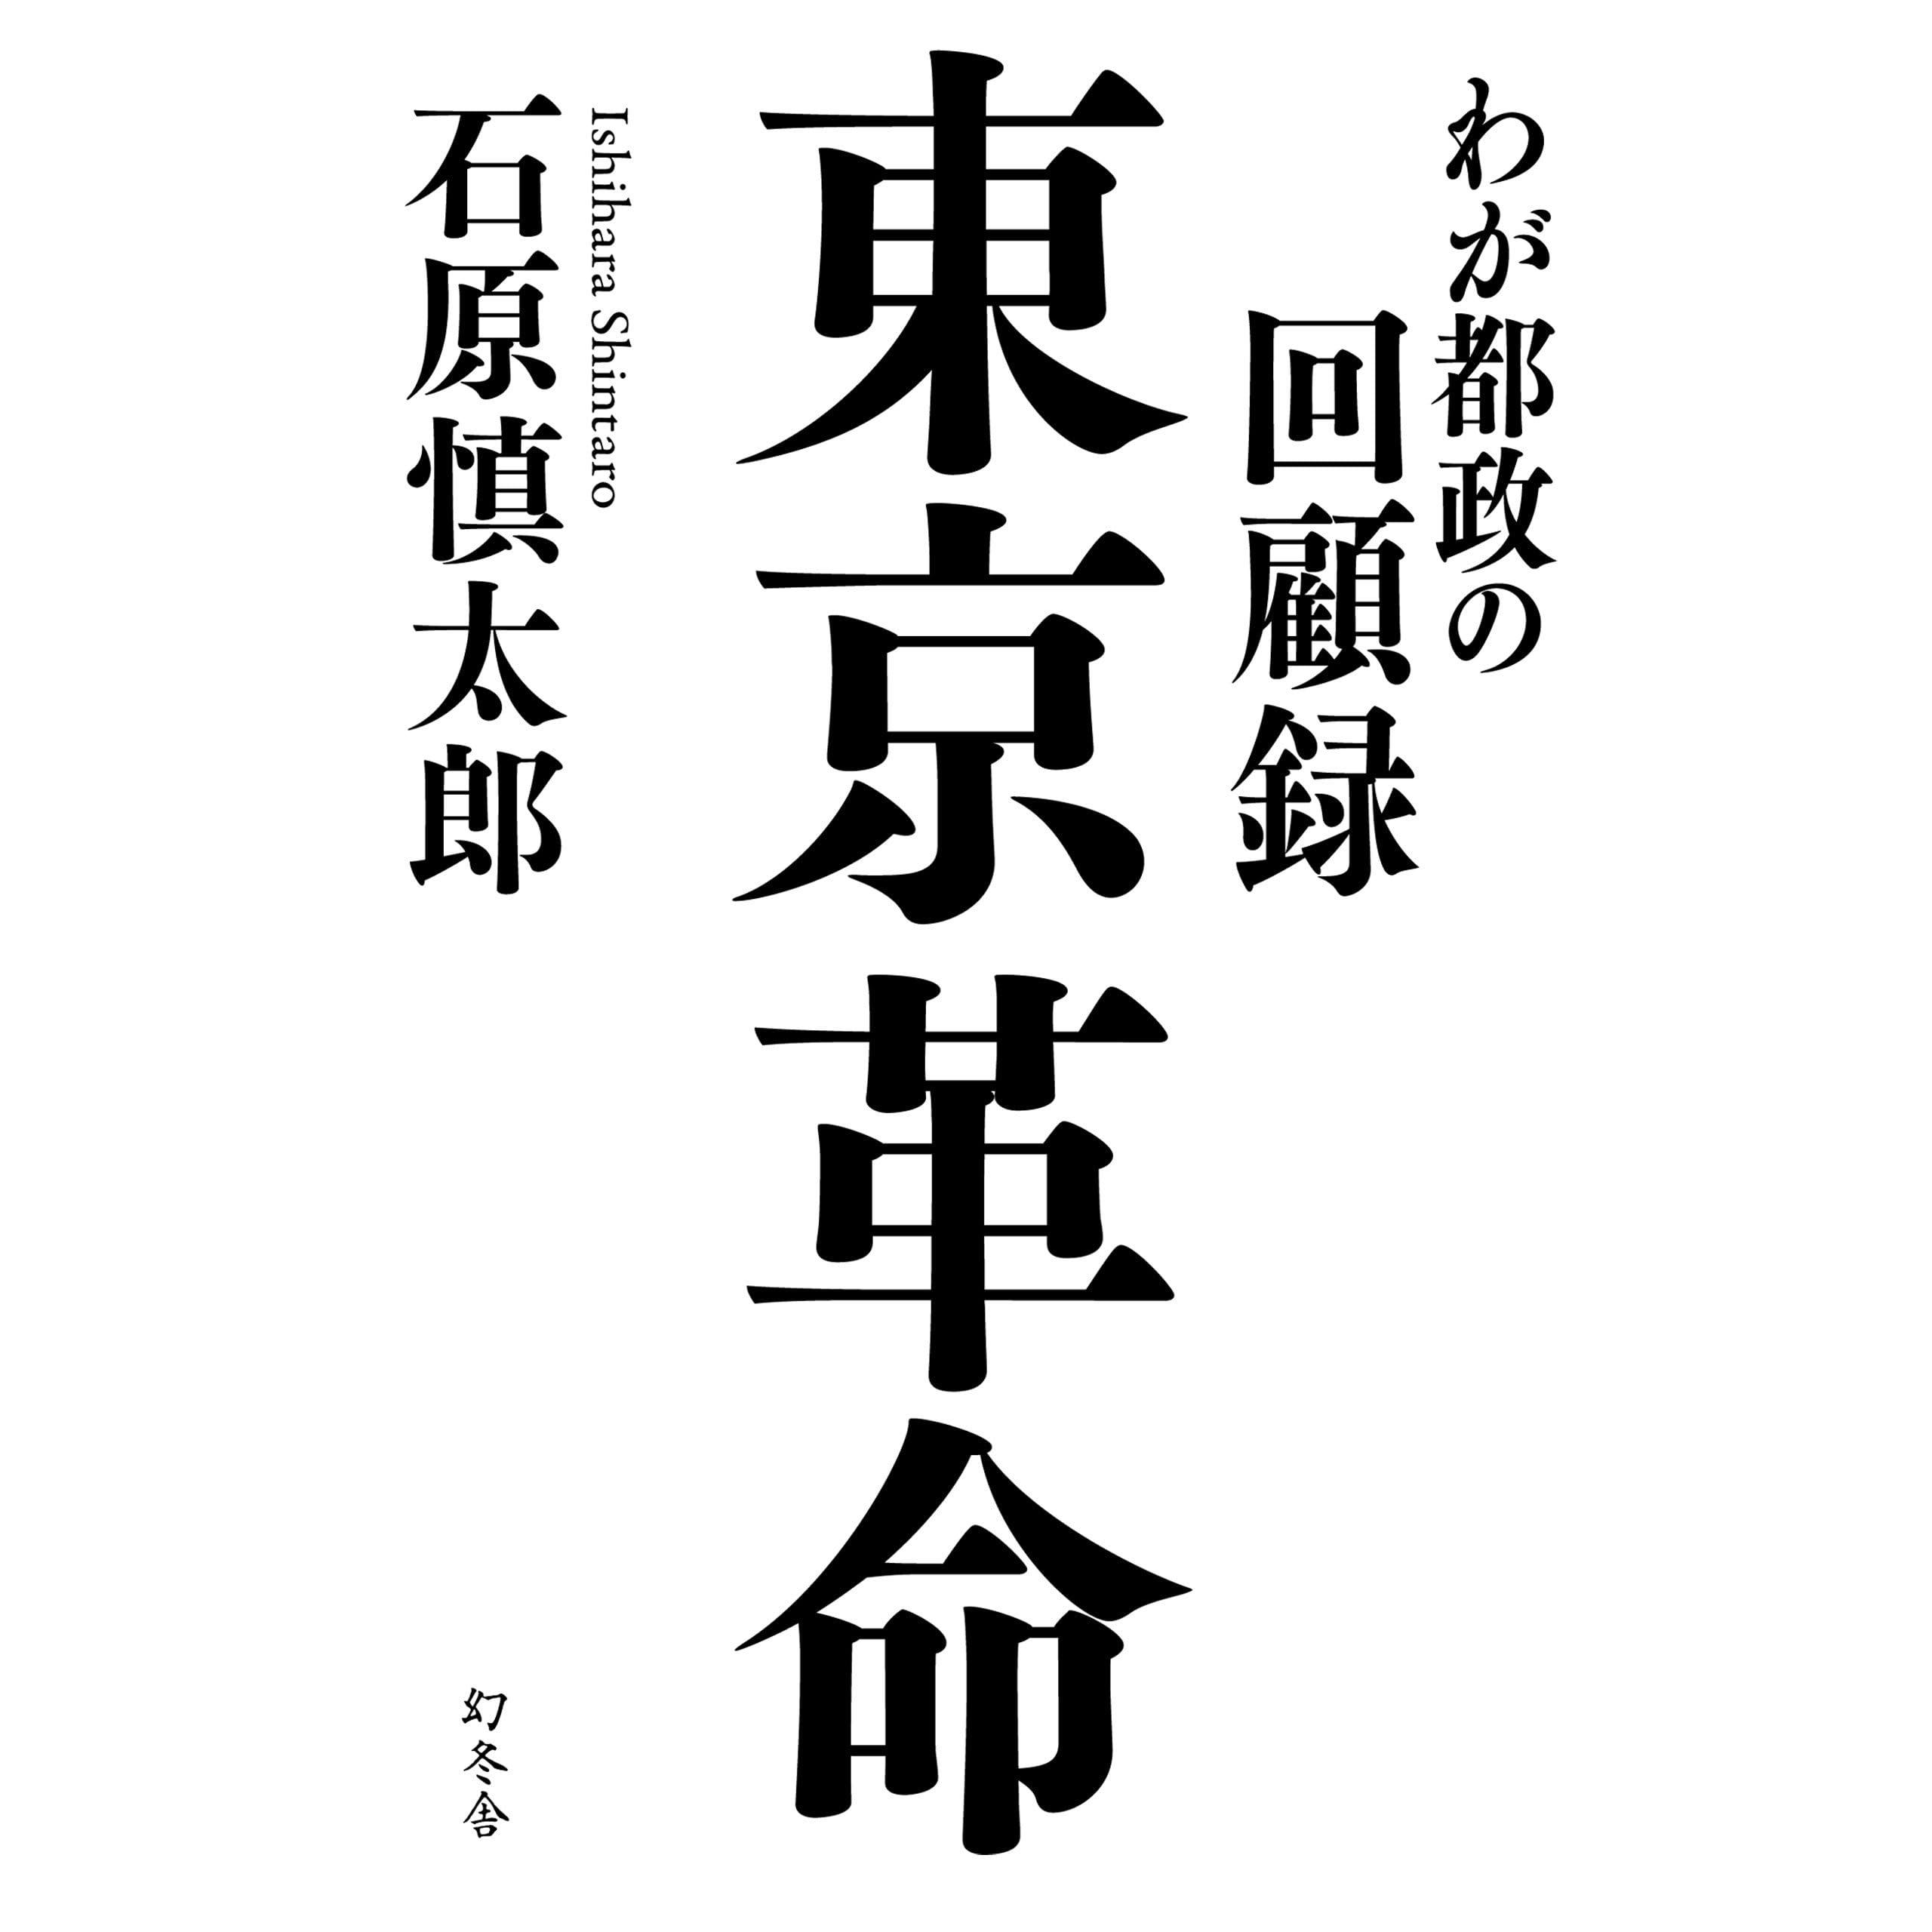 慎太郎 石原